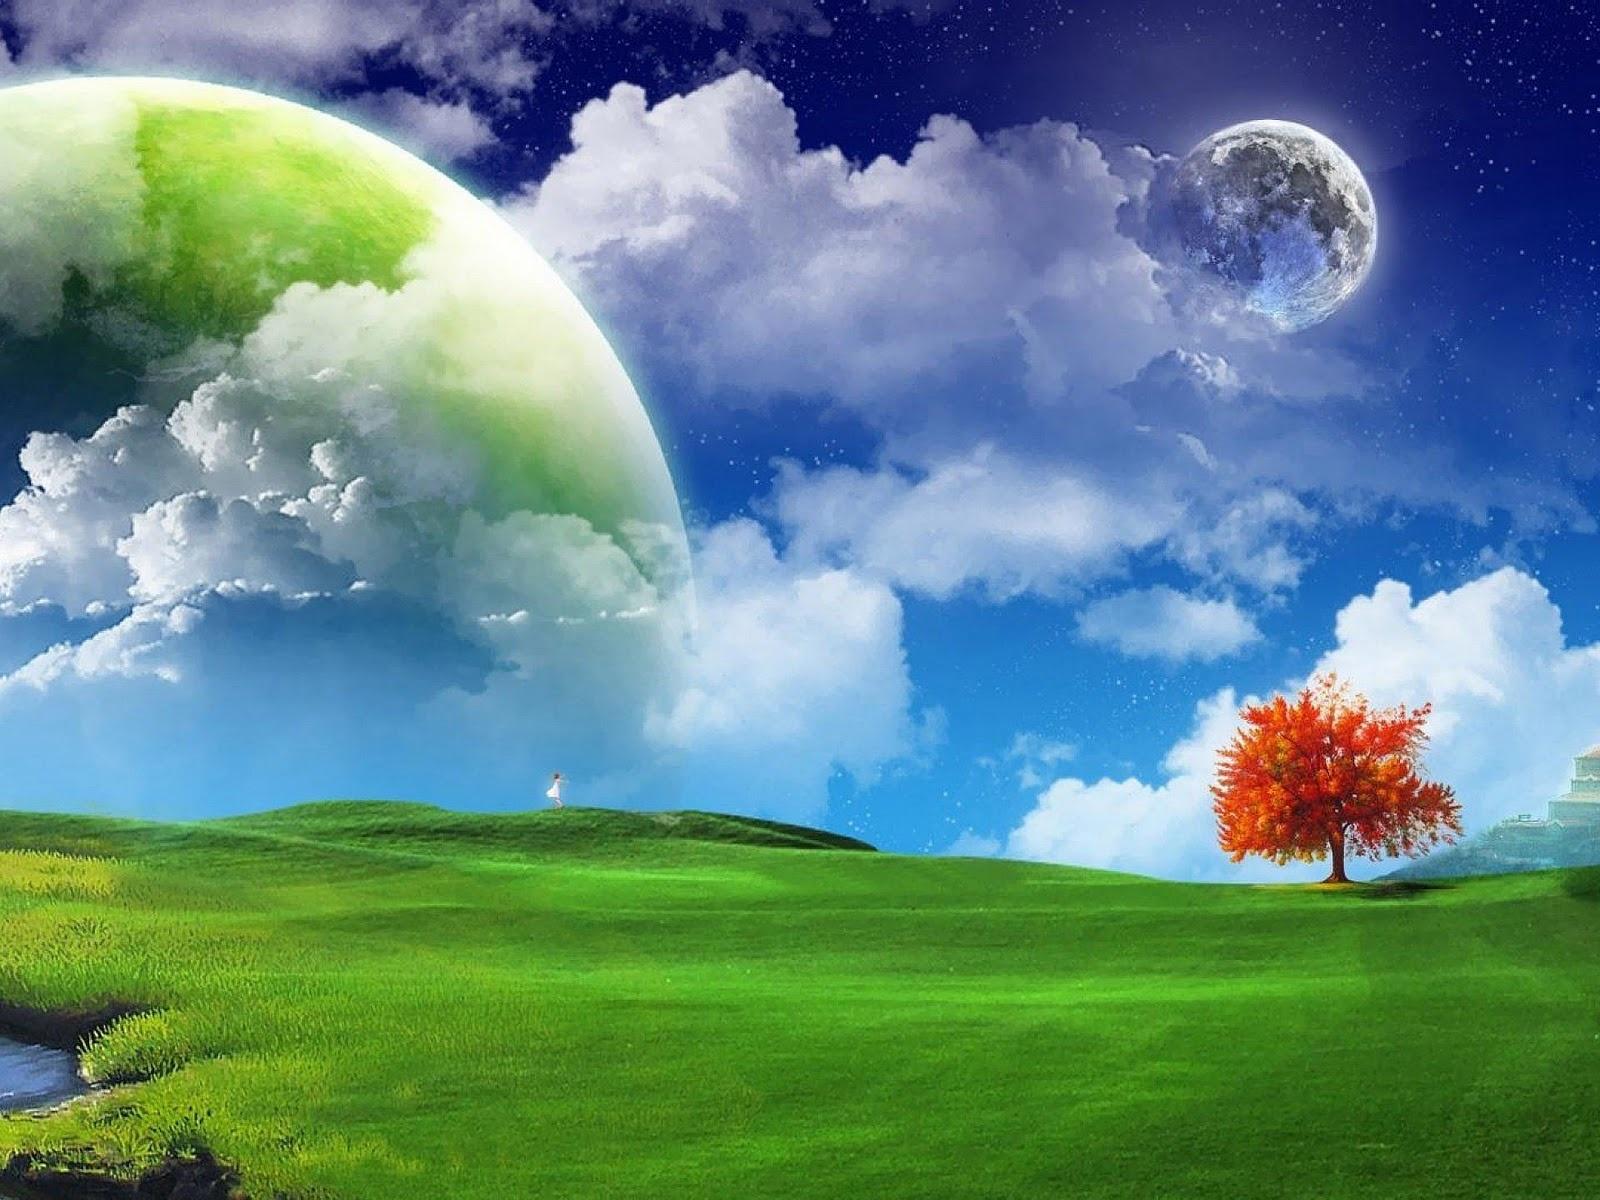 World Best Wallpaper in HD Wallpapers   1600x1200   478388 1600x1200